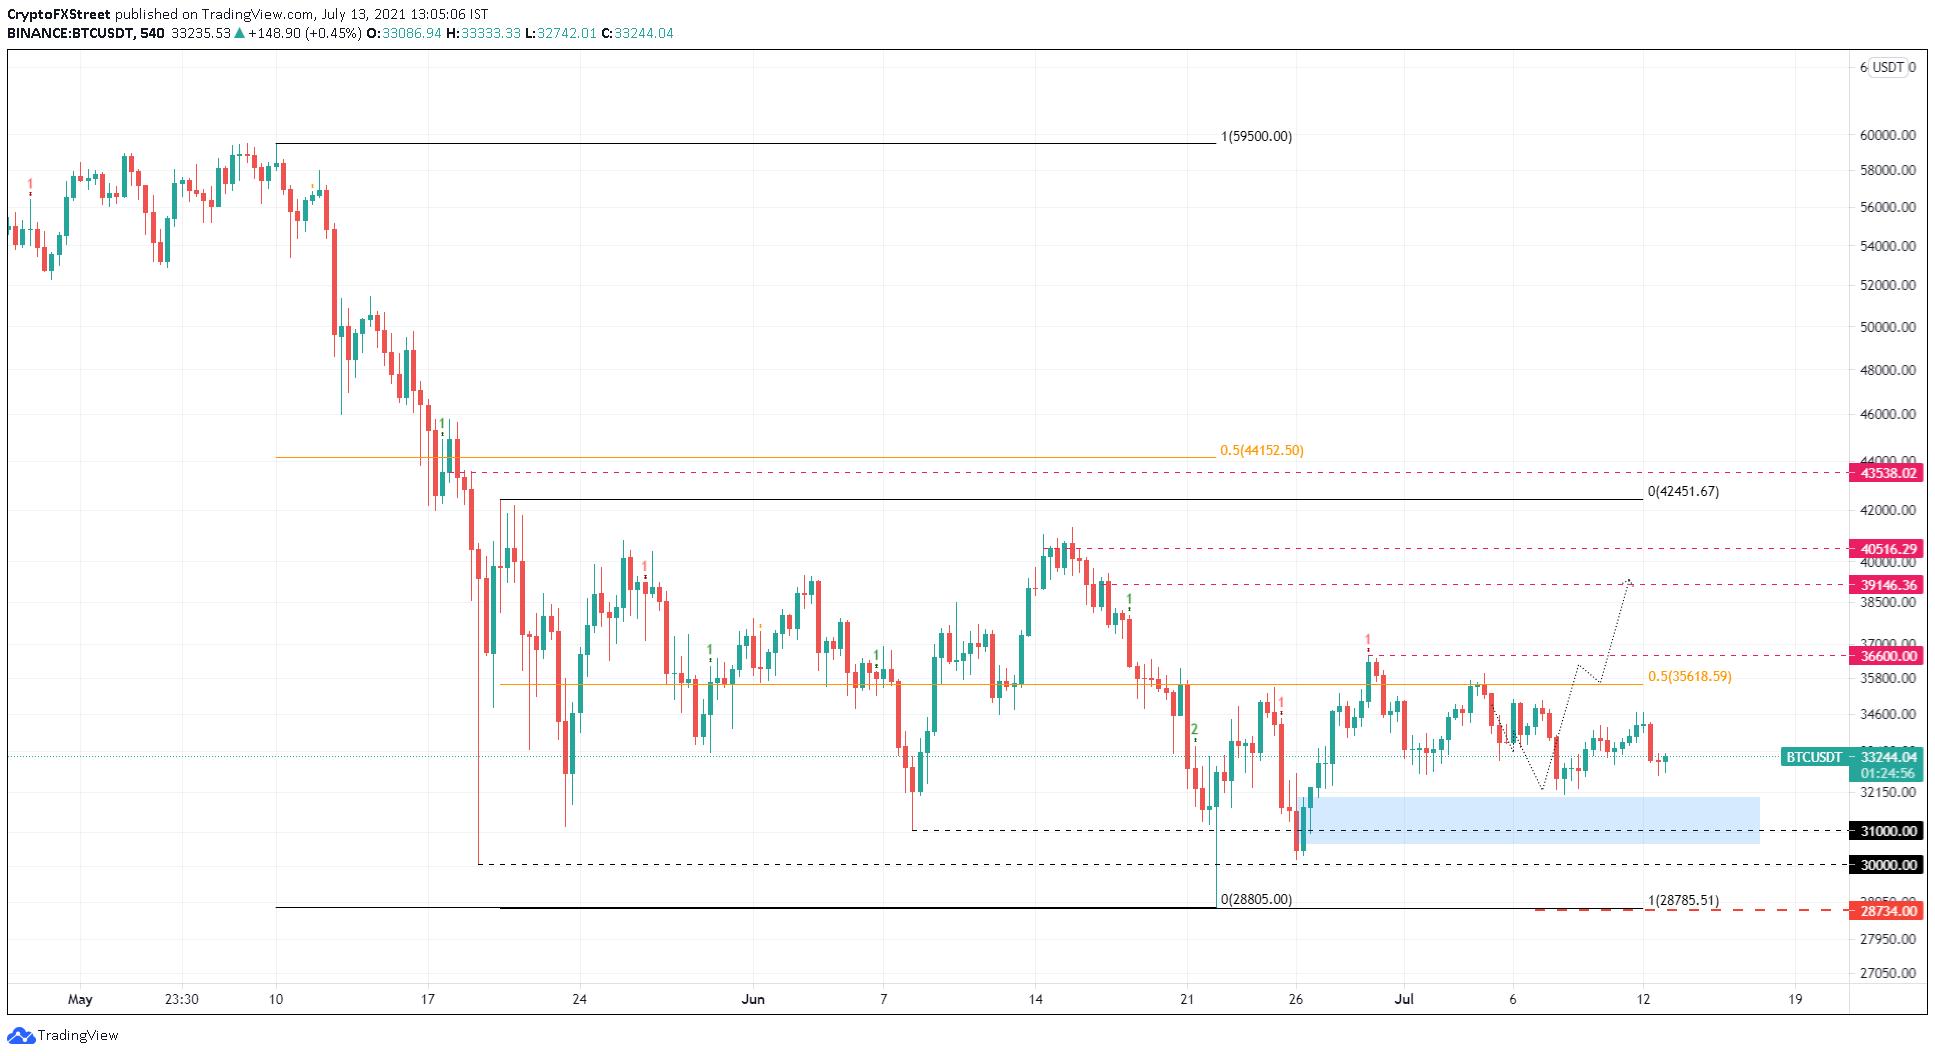 BTC/USDT 9-hour chart